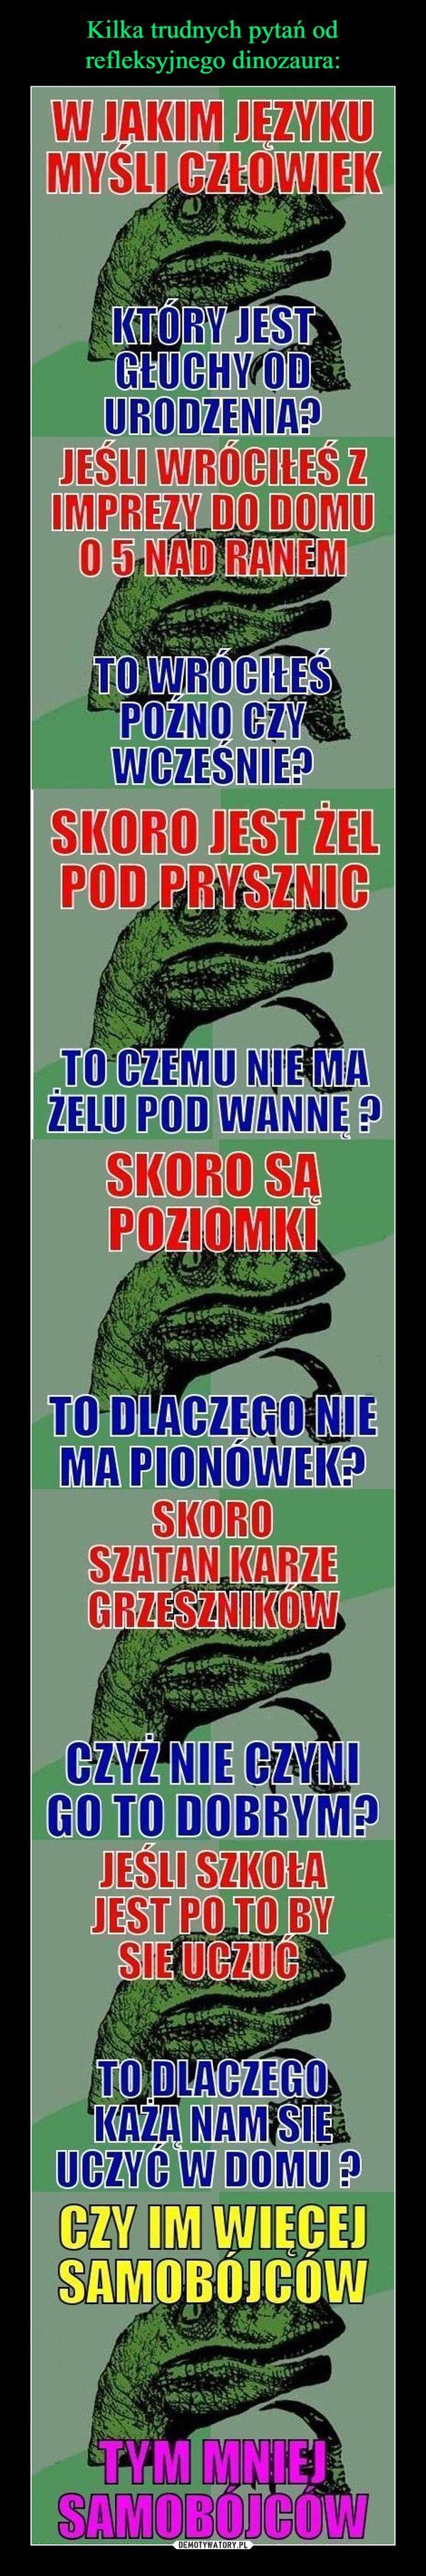 http://demotywatory.pl/poczekalnia/page/7